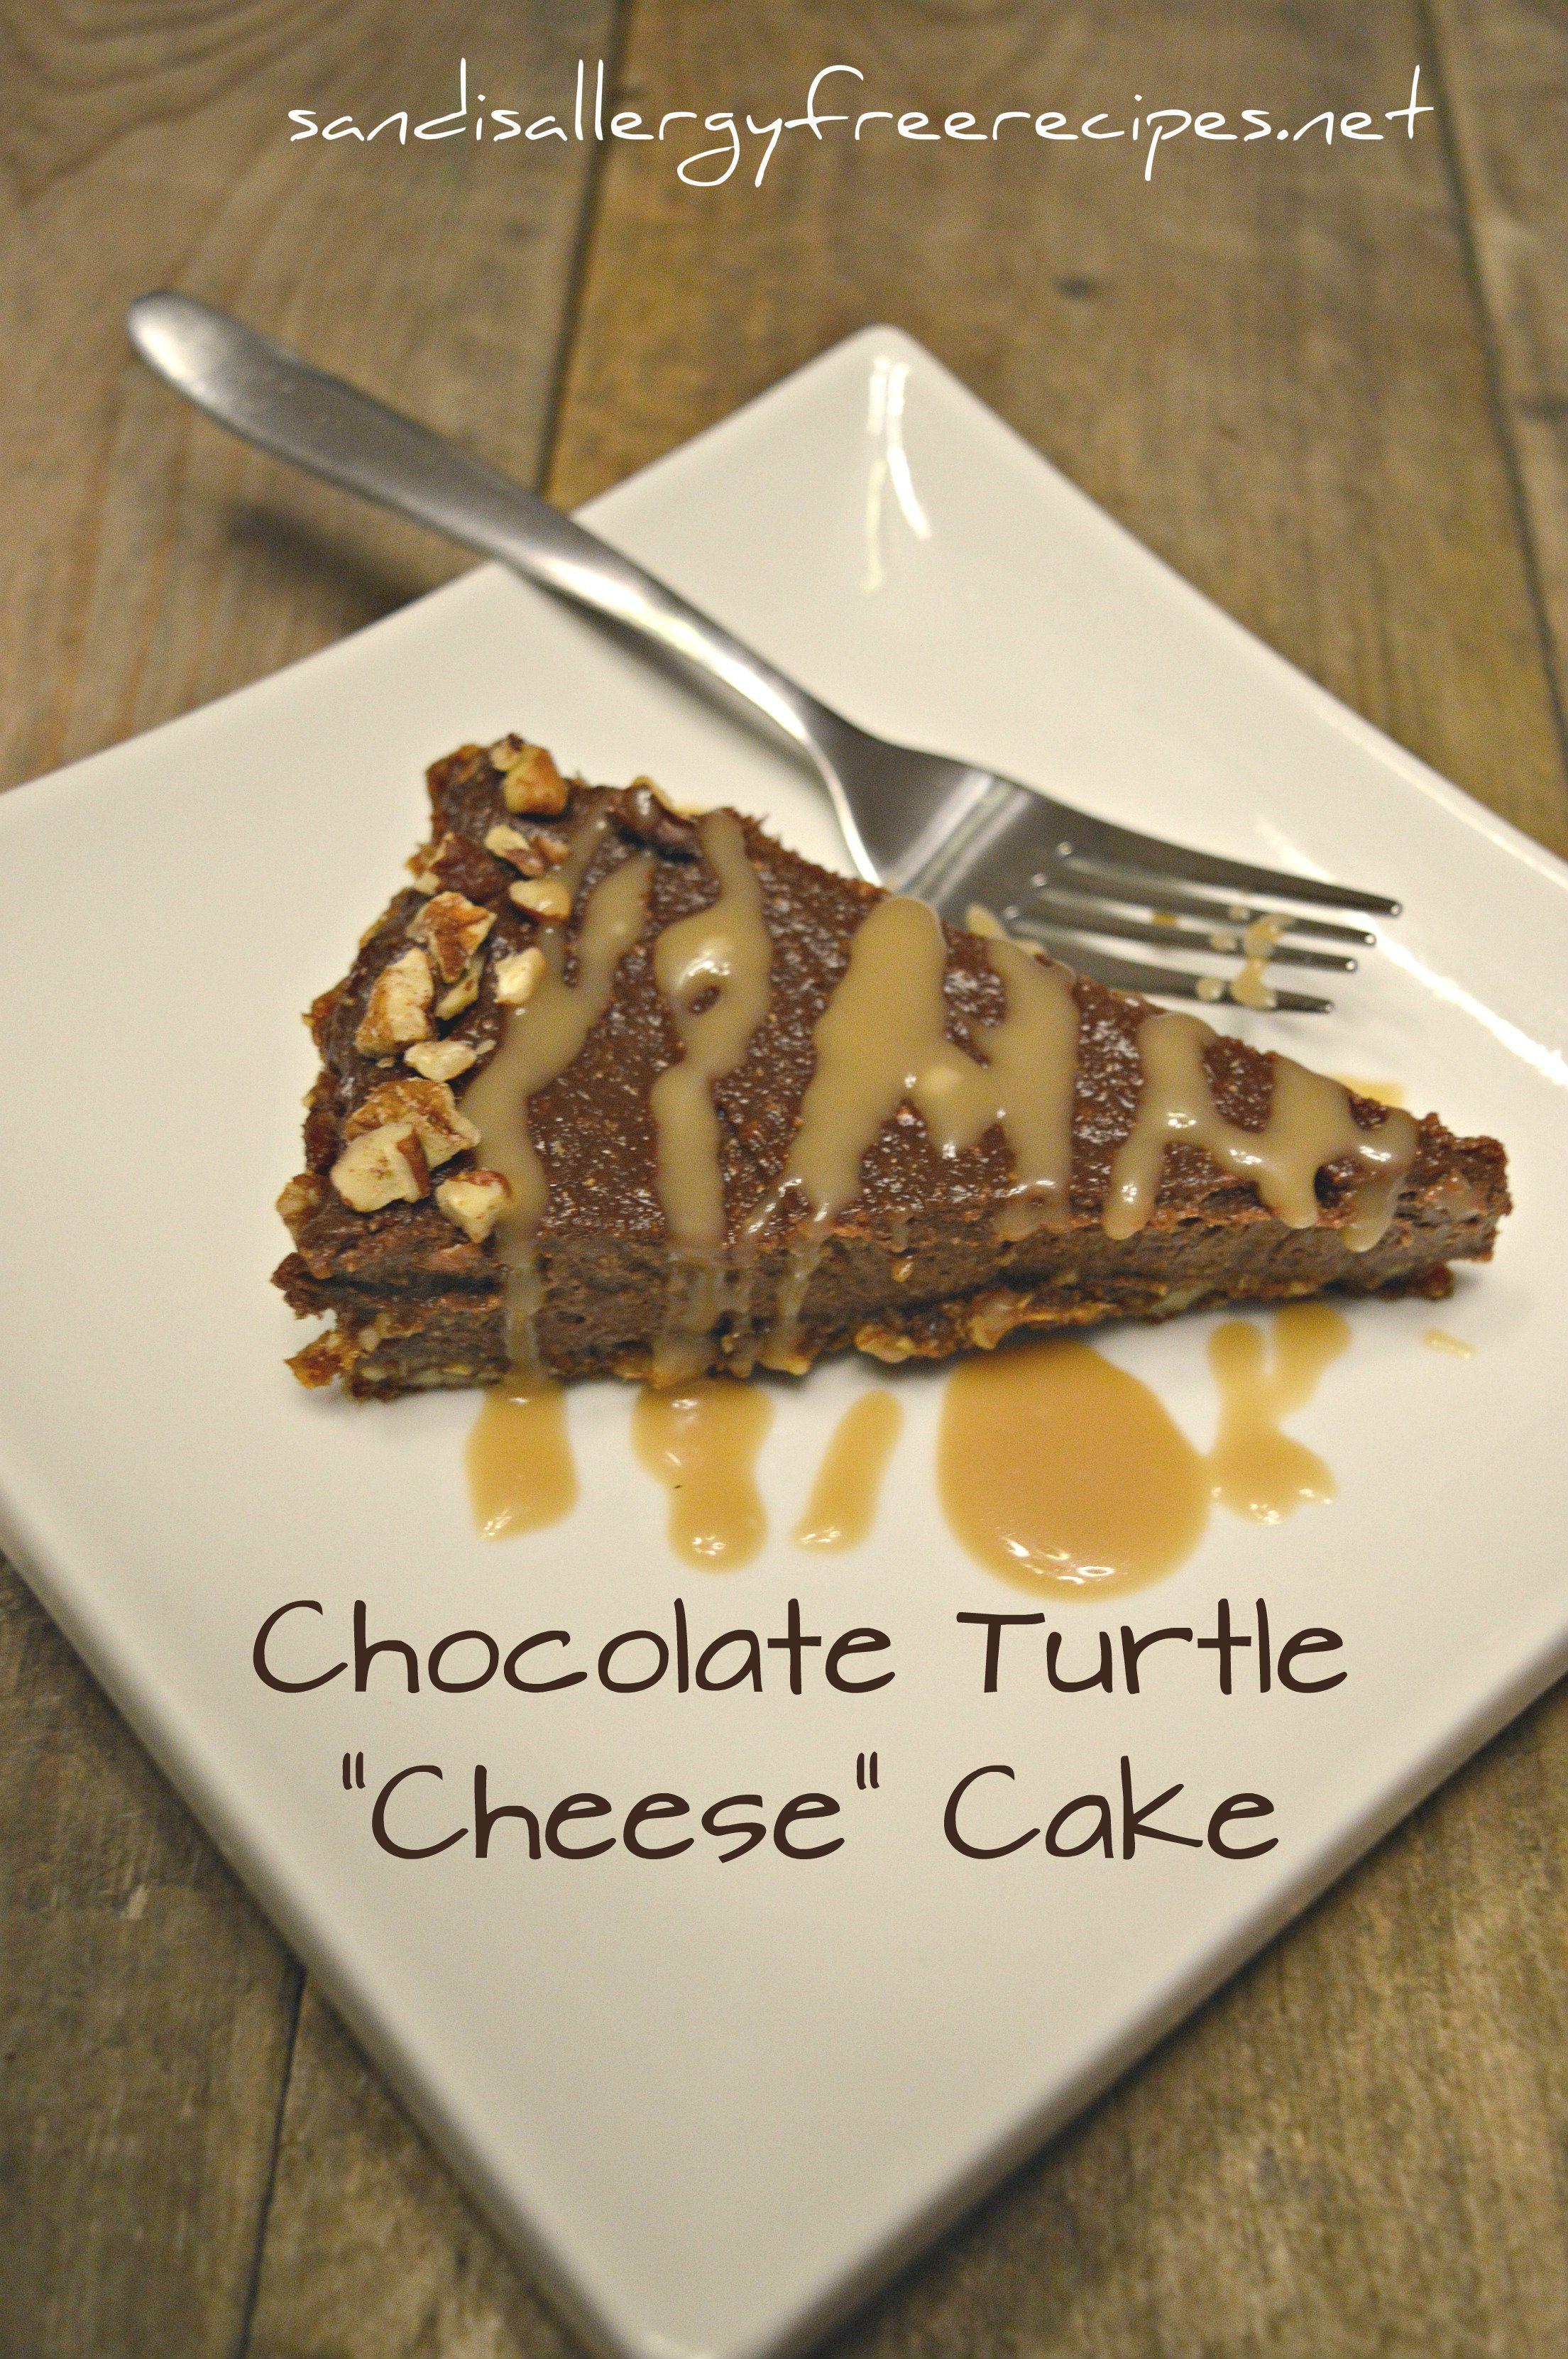 Chocolate Turtle Cheese Cake Paleo Vegan Dairy Free Gluten